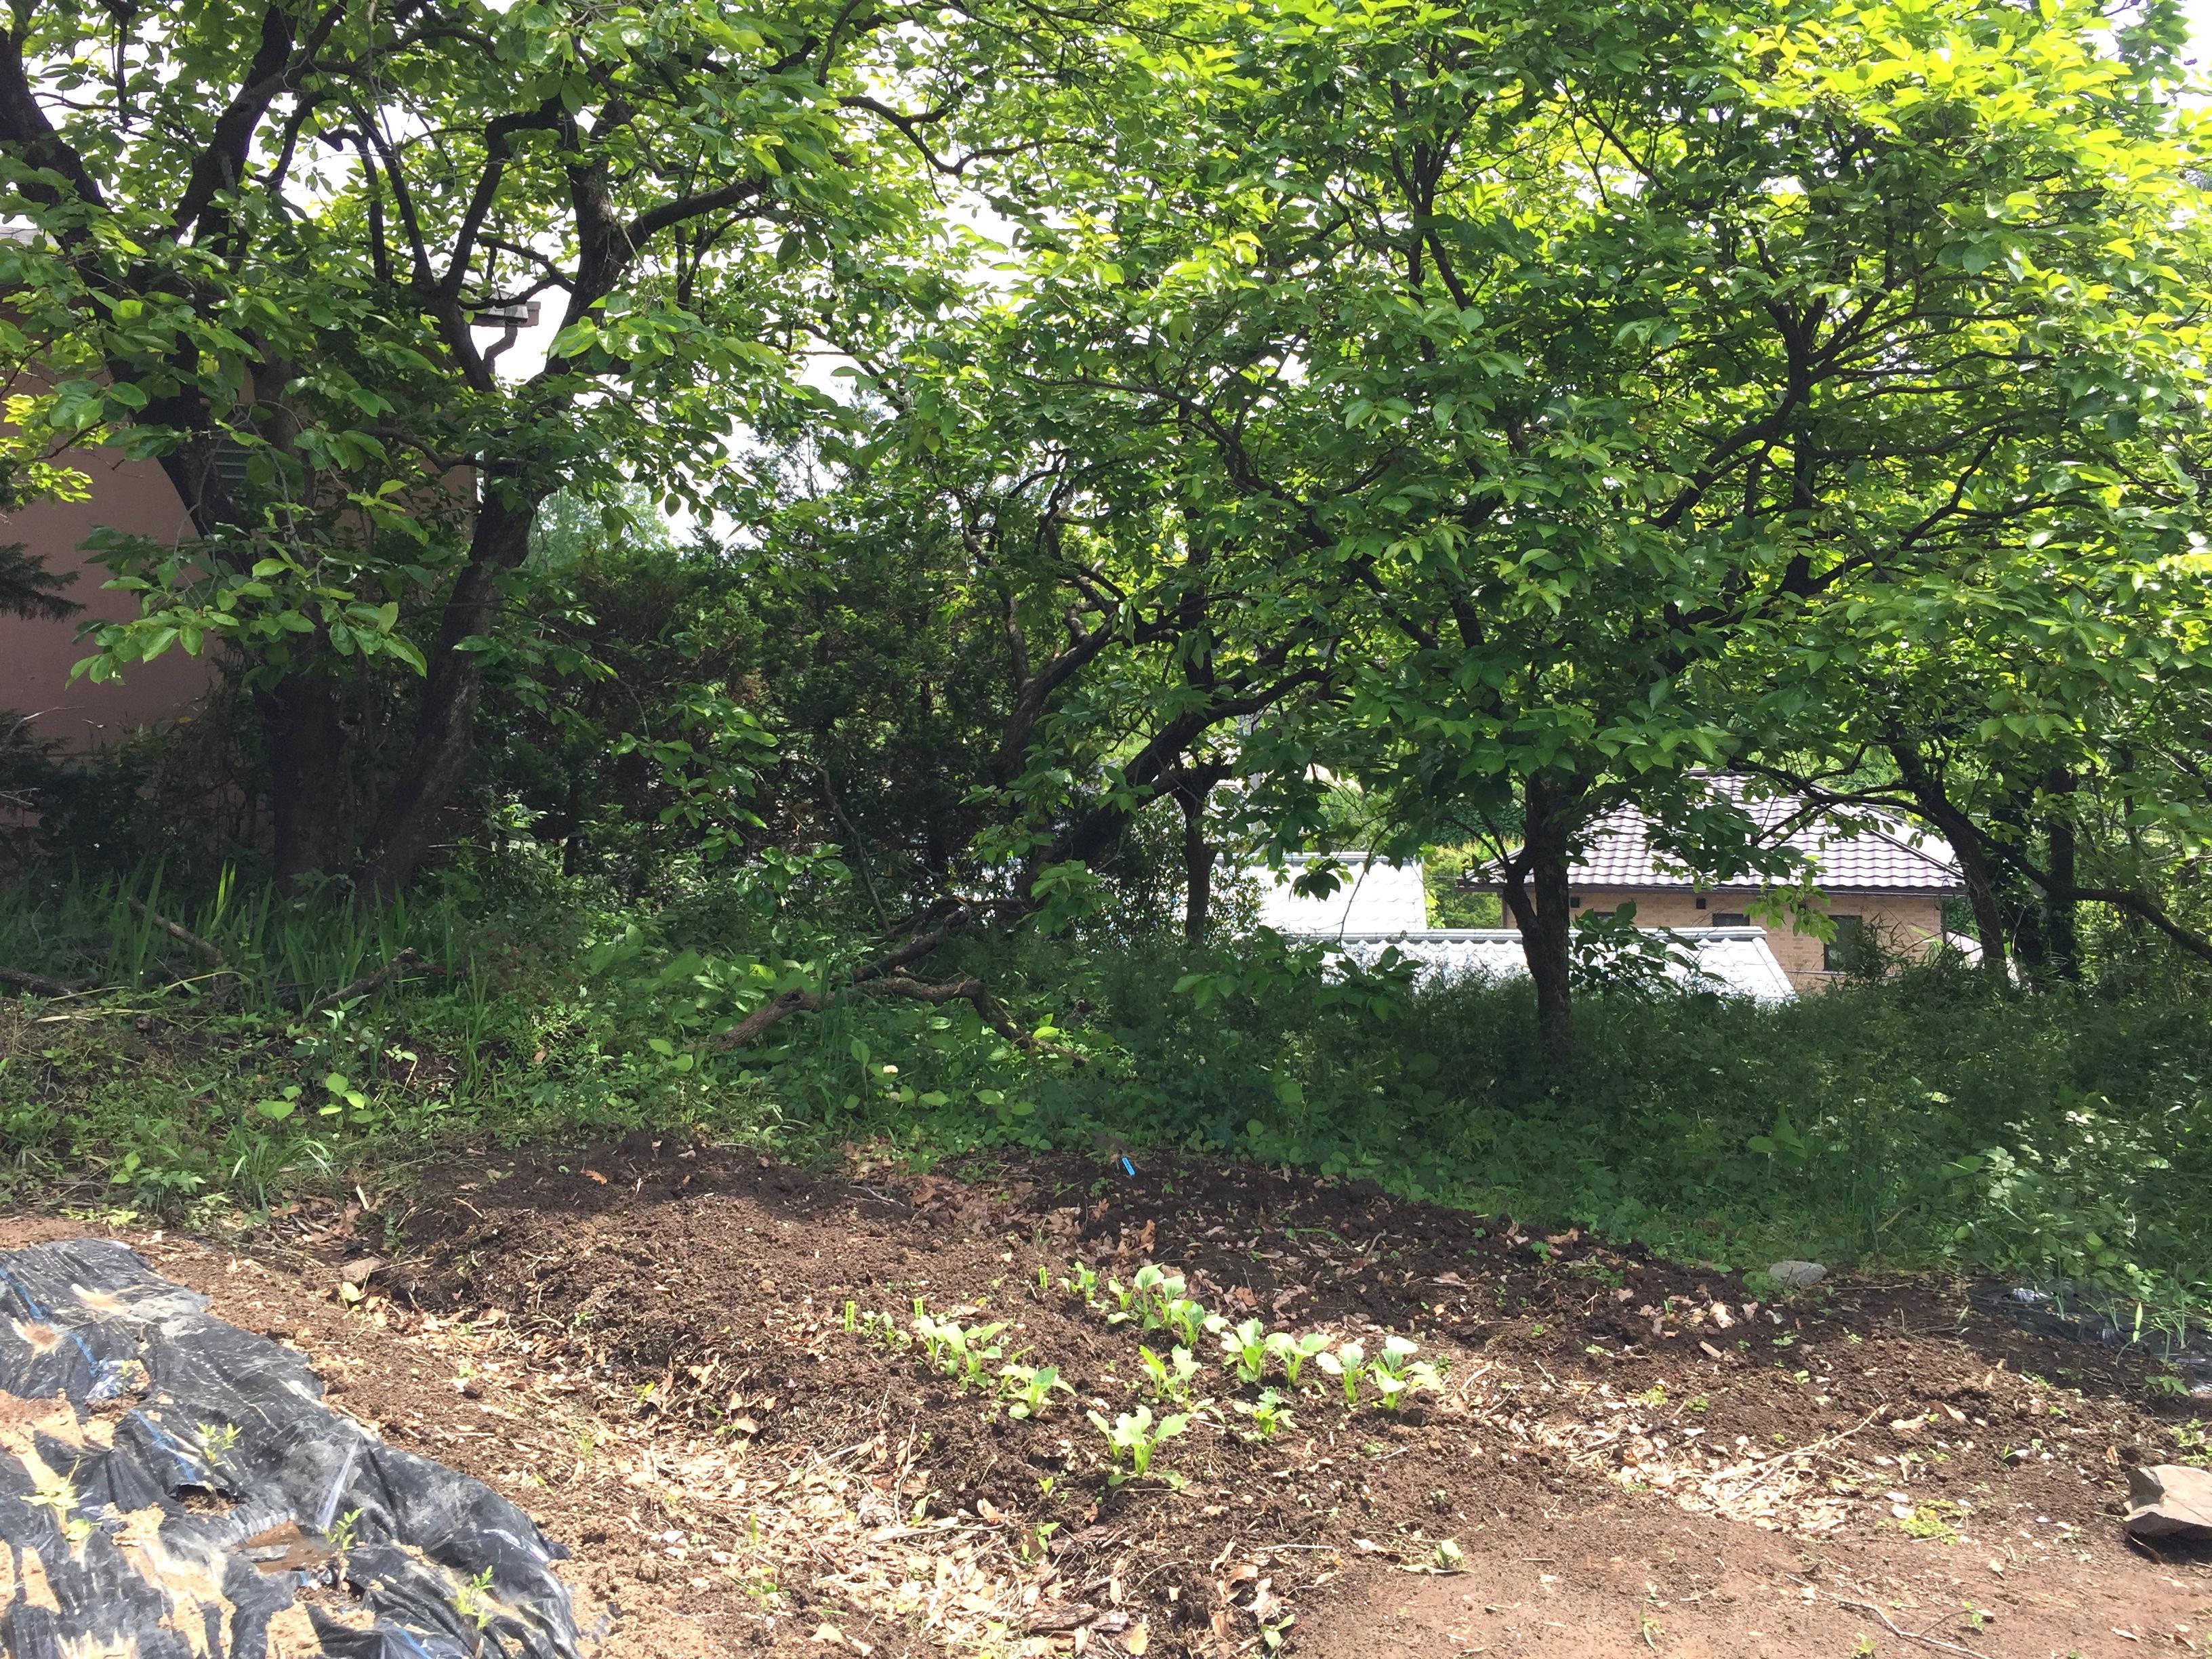 就労移行支援事業所 働くしあわせ JINEN-DO近くの樹木